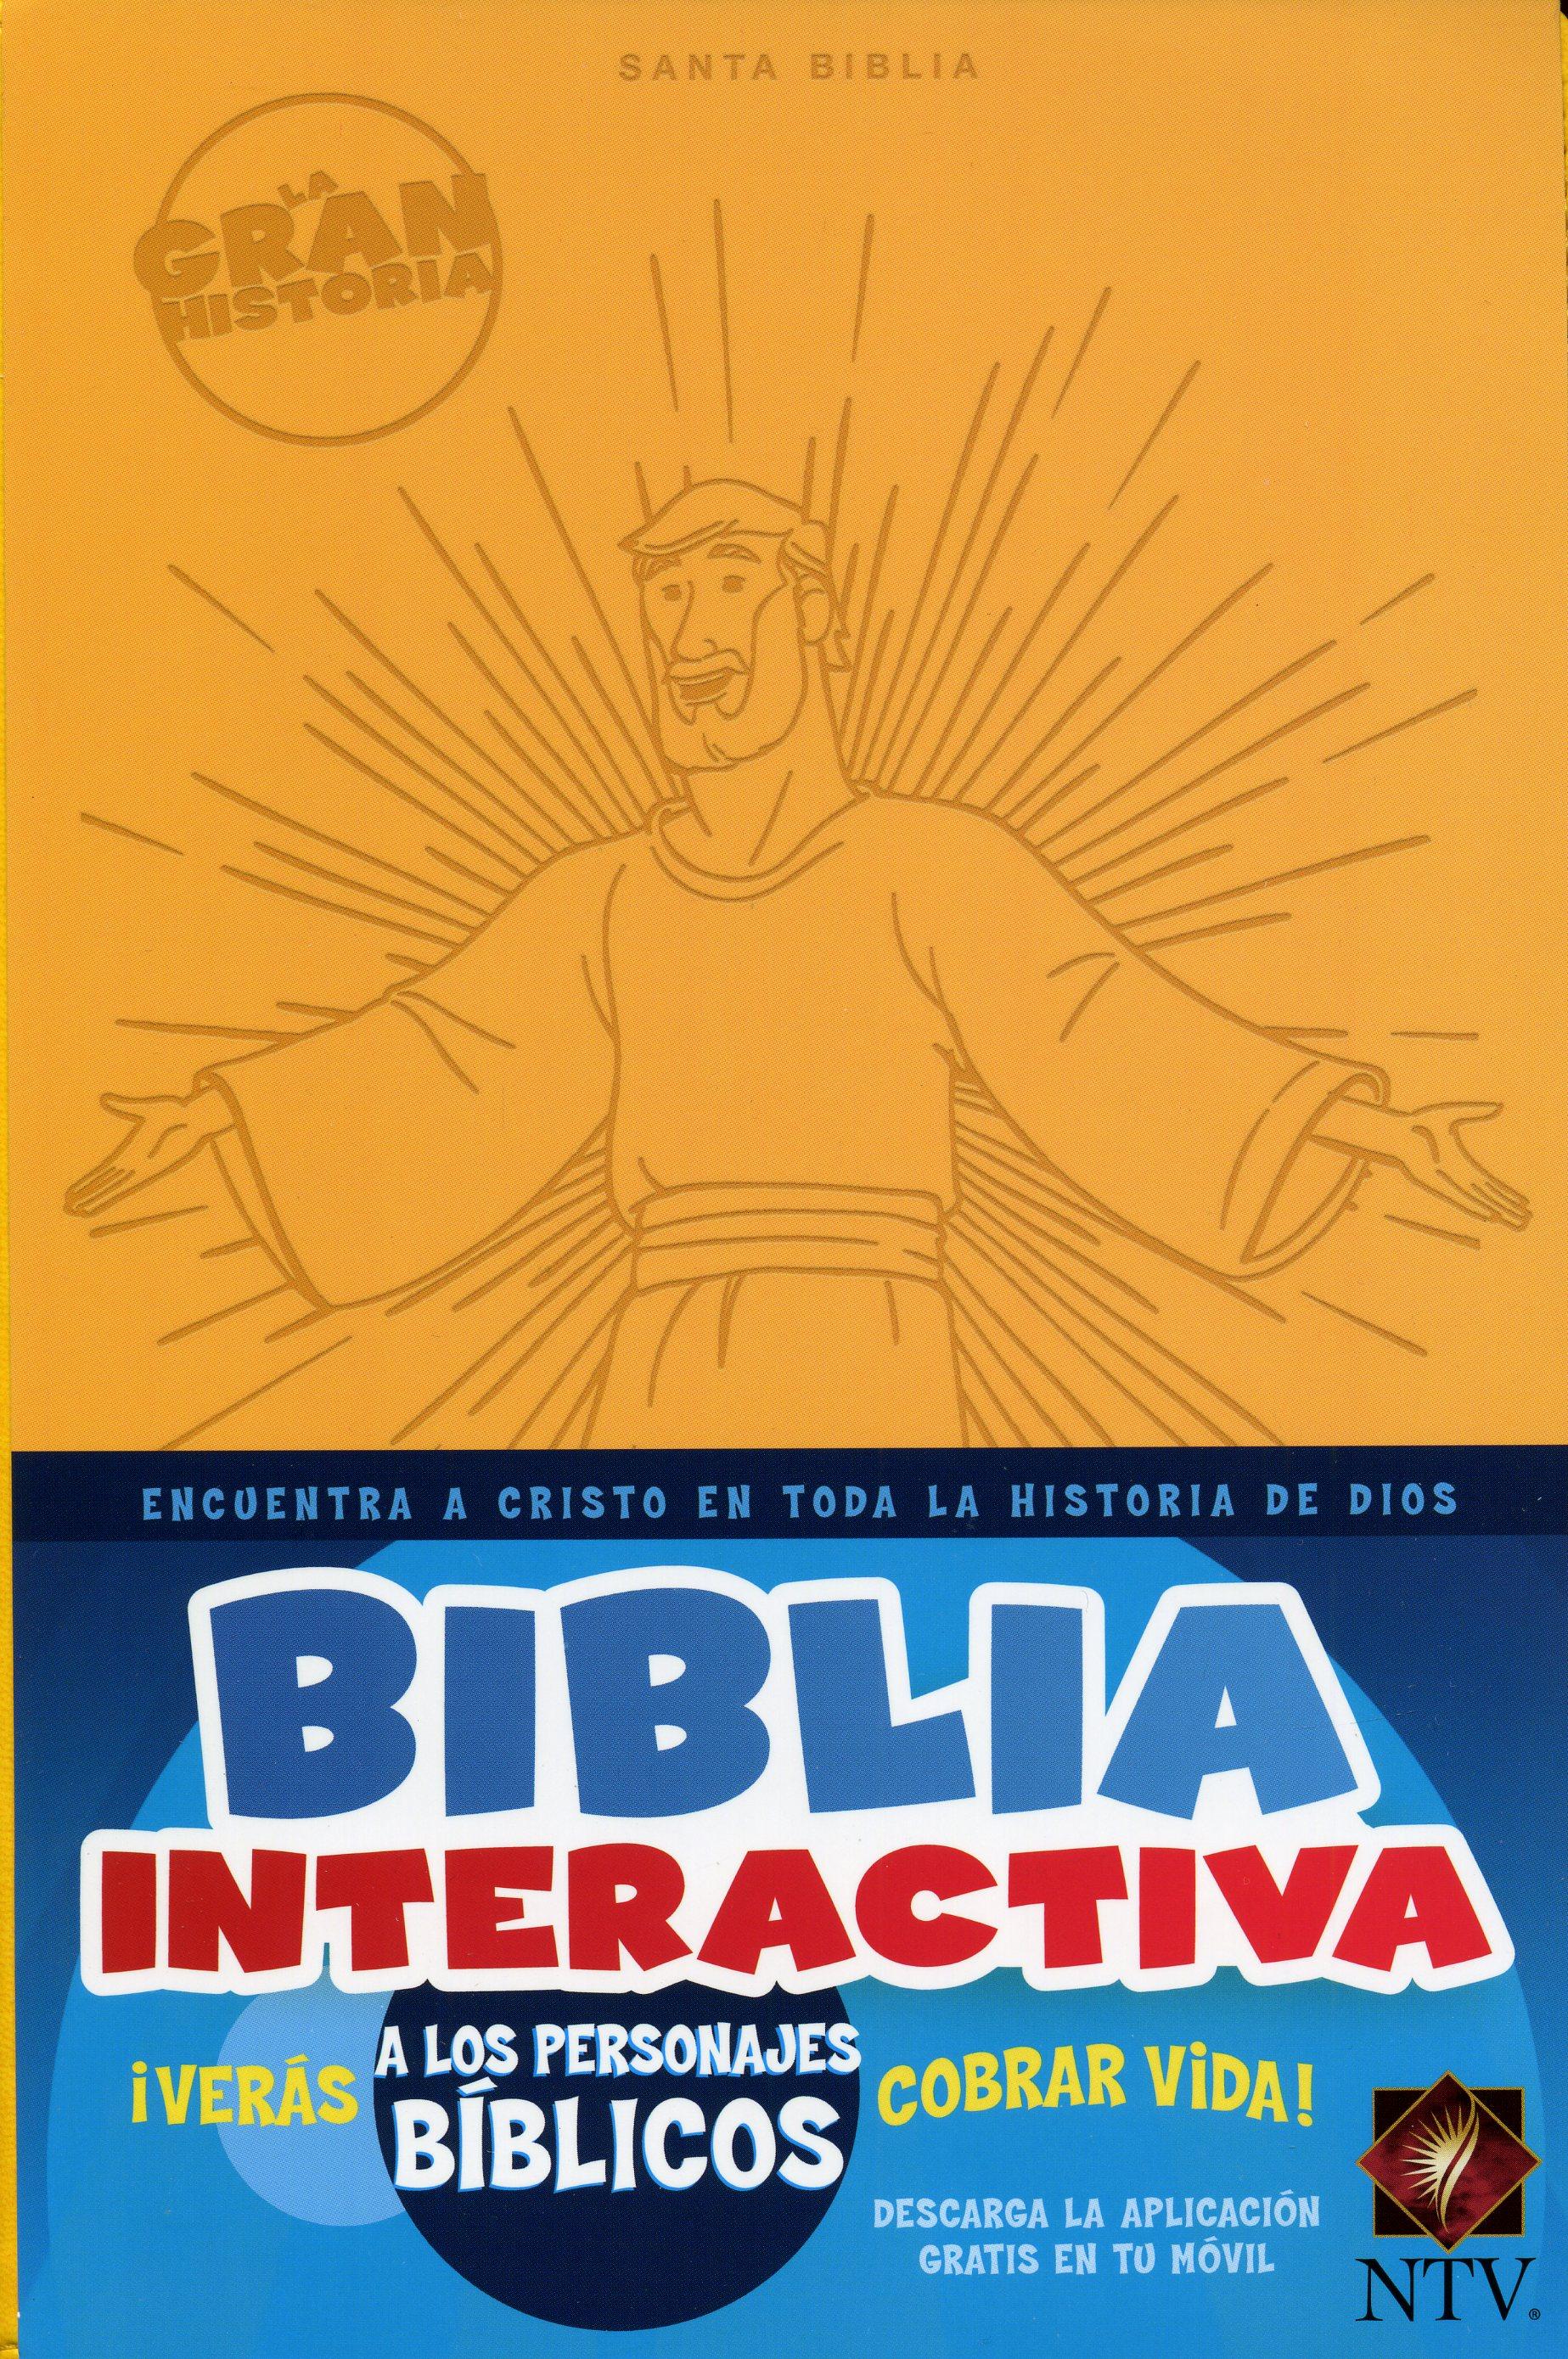 Biblia NTV Gran Historia Interactiva Ama